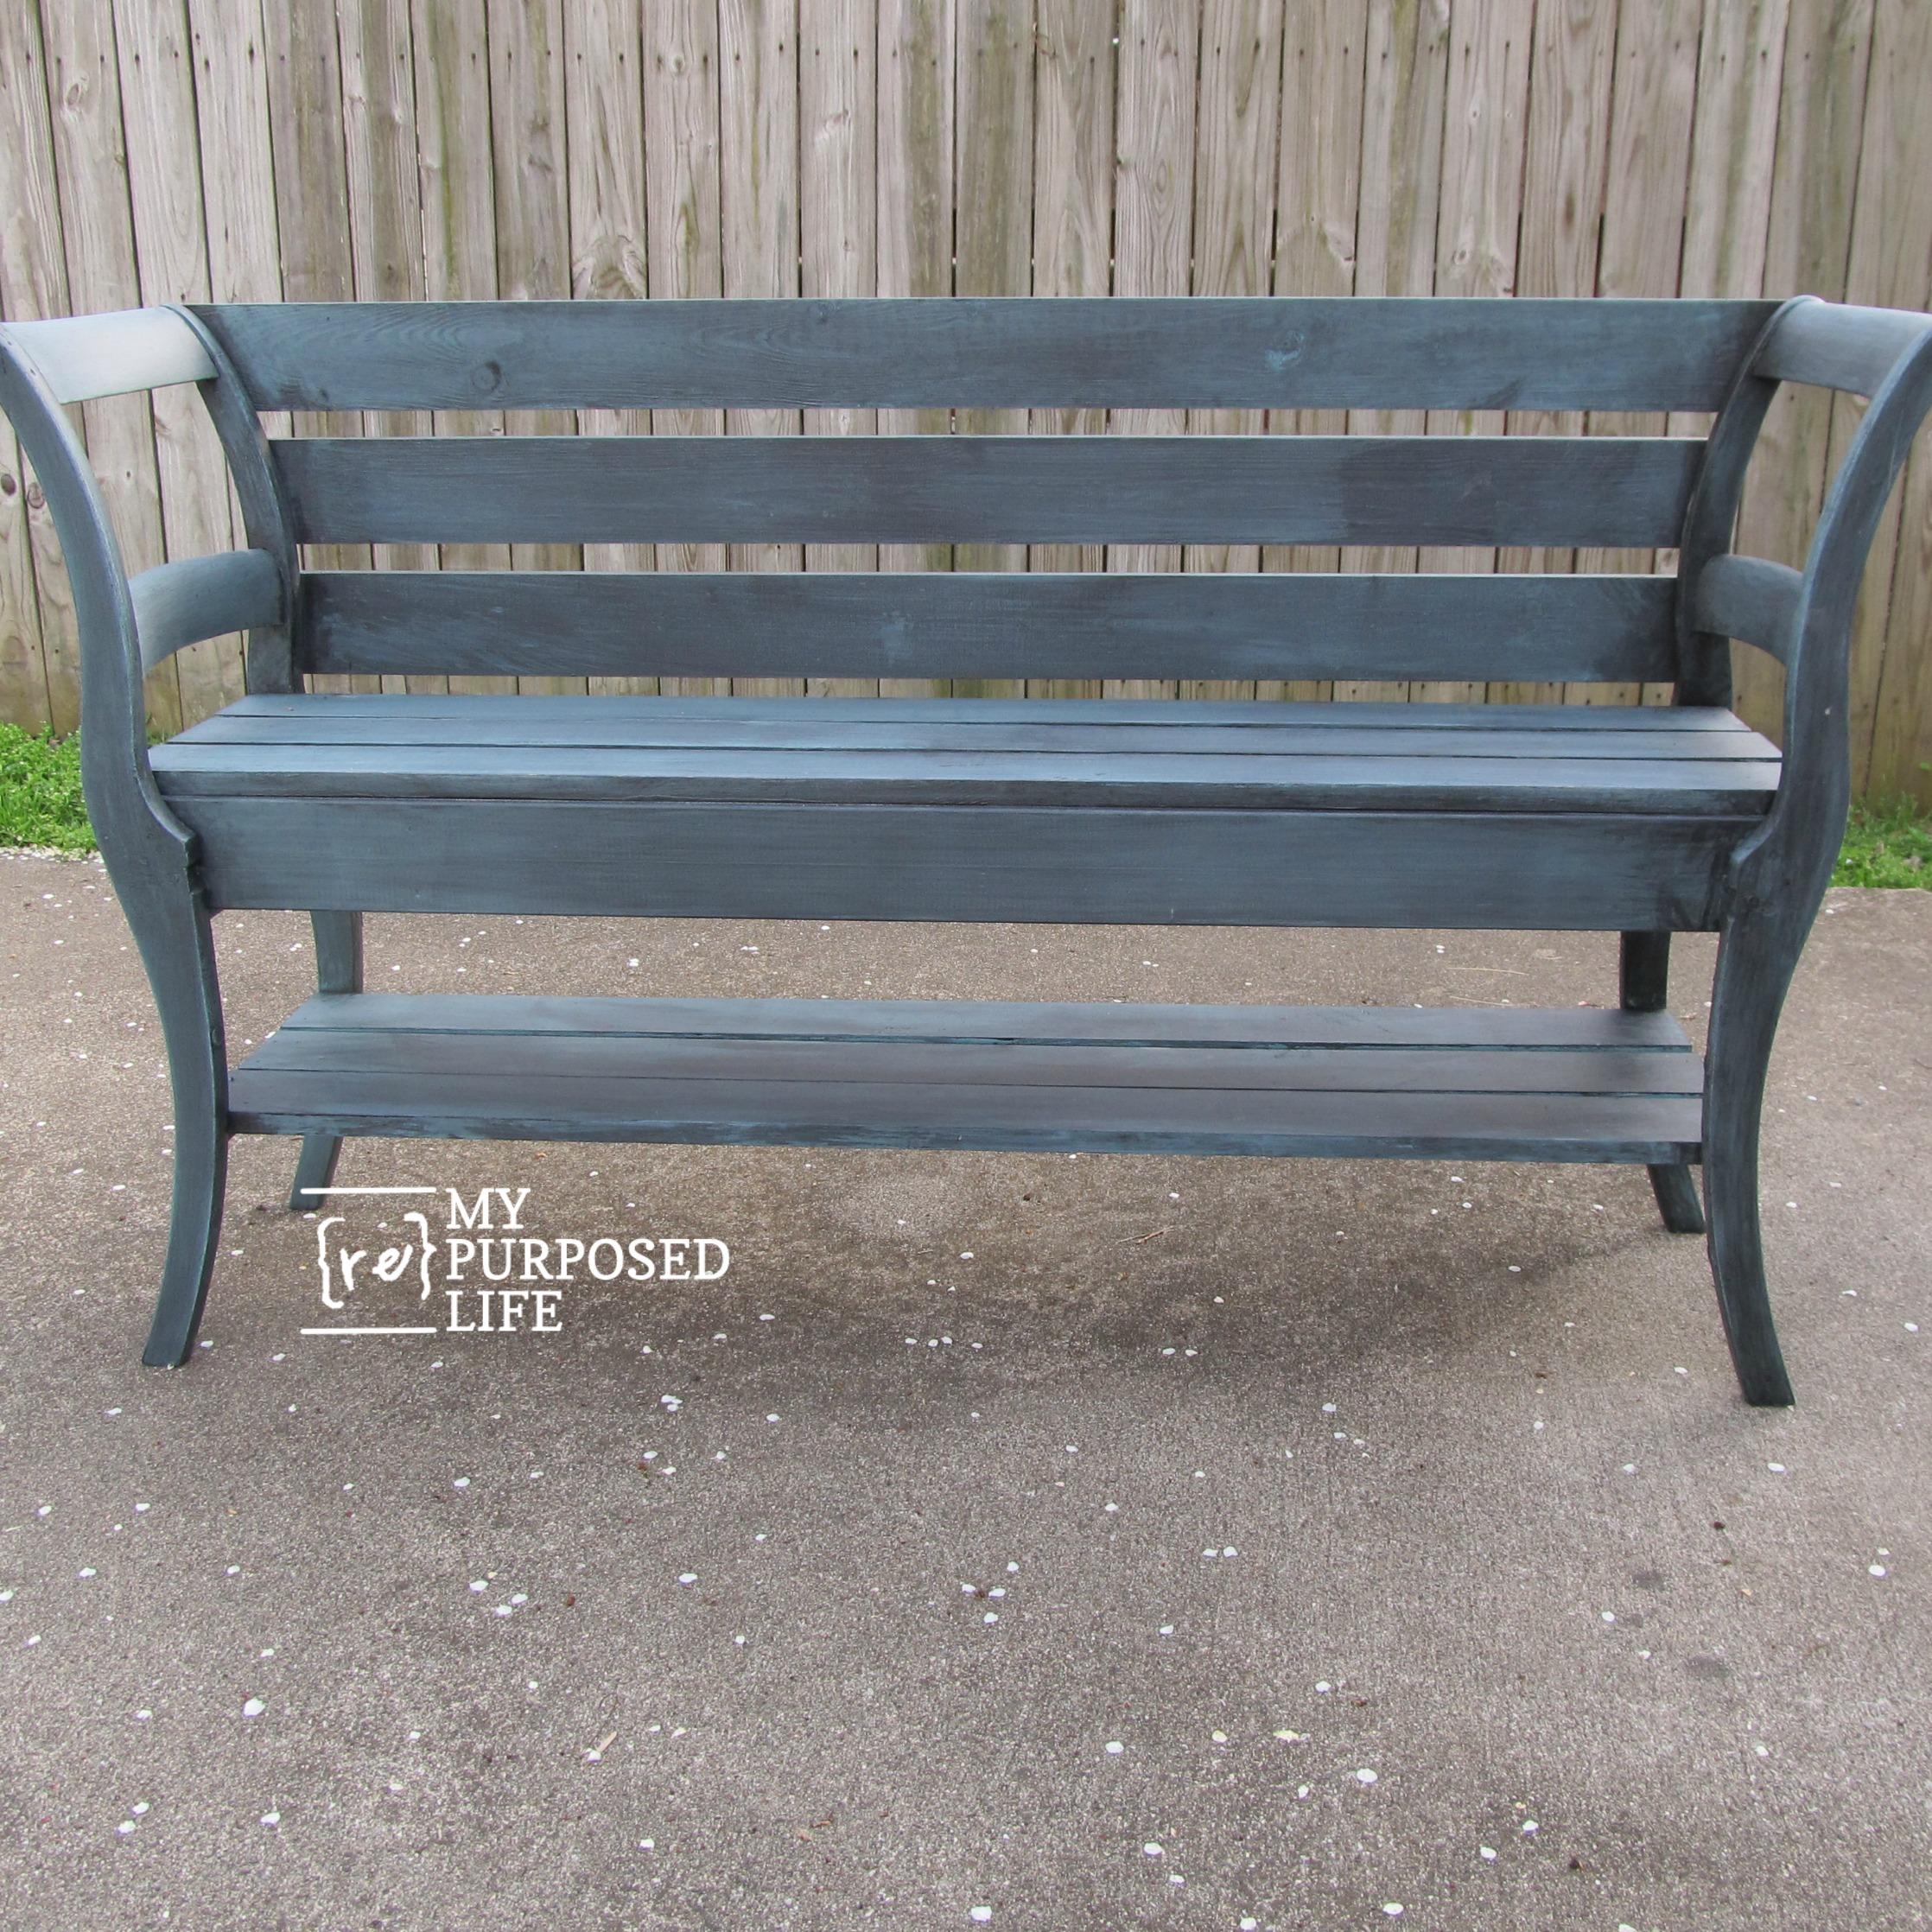 2 Repurposed Chairs Plus 1 Bench Failure My Repurposed Life Rescue Re Imagine Repeat